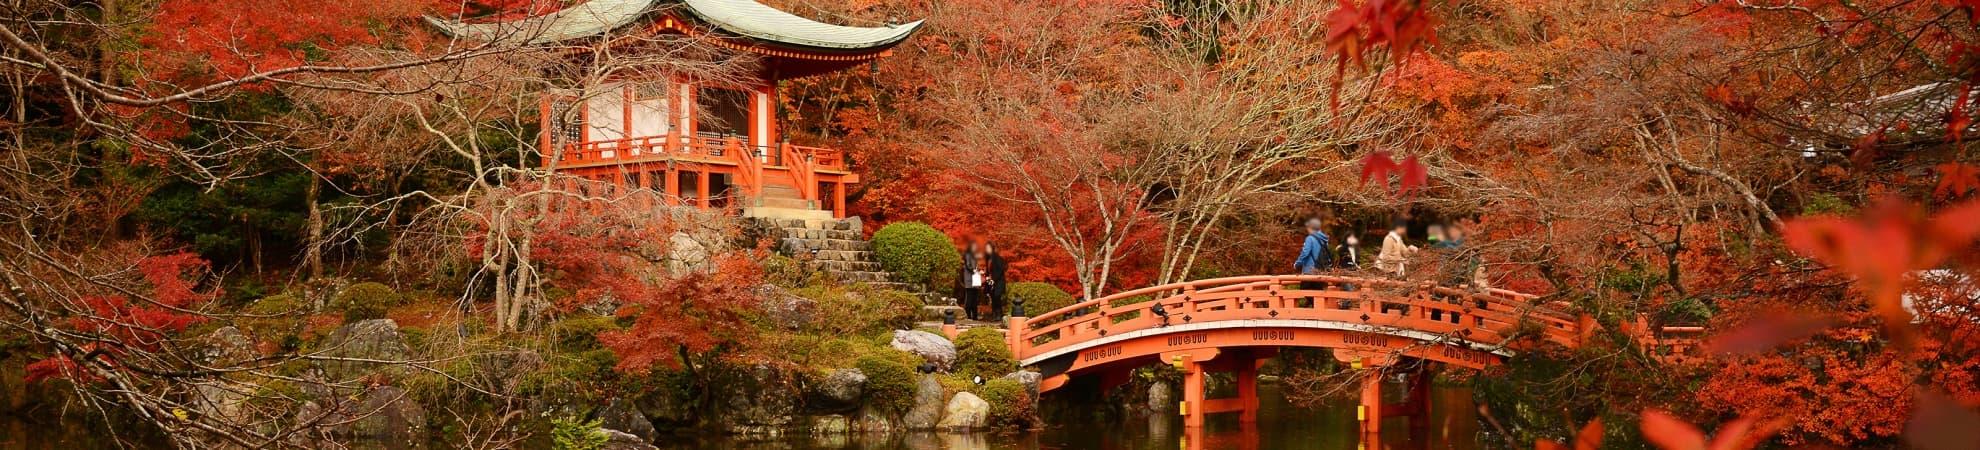 Voyage Kyoto